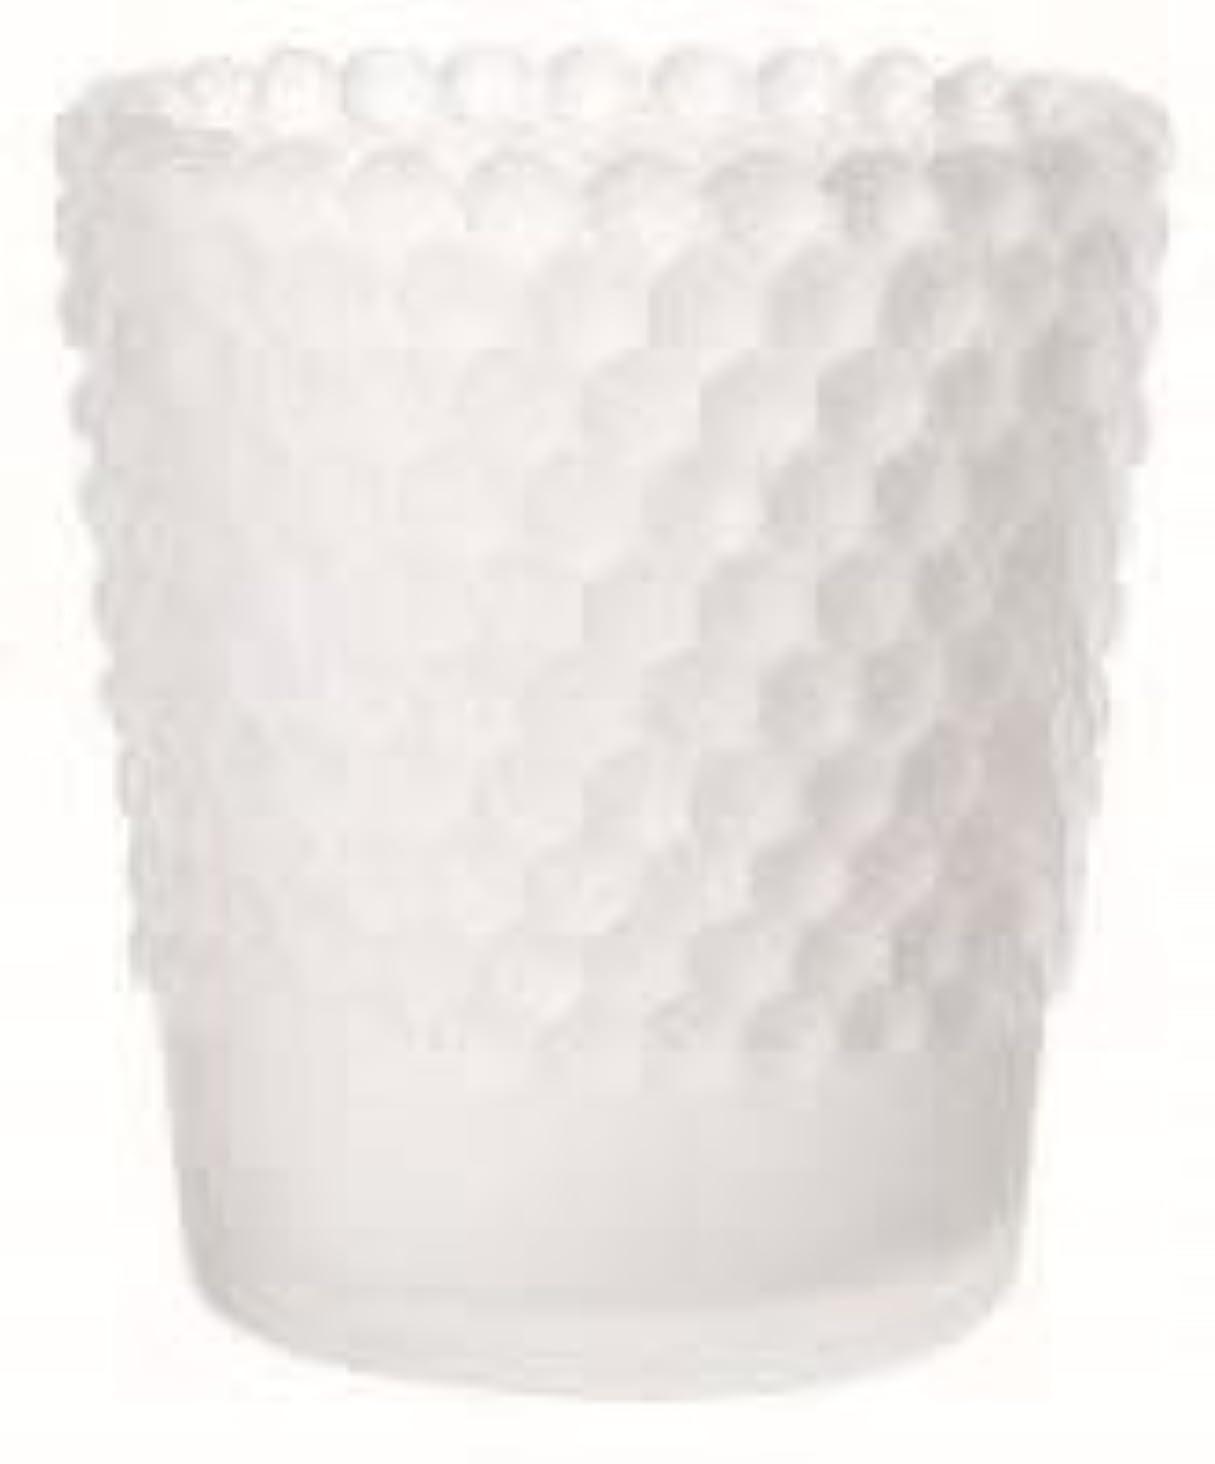 日付遷移犠牲カメヤマキャンドル(kameyama candle) ホビネルグラス 「 フロストホワイト 」6個セット